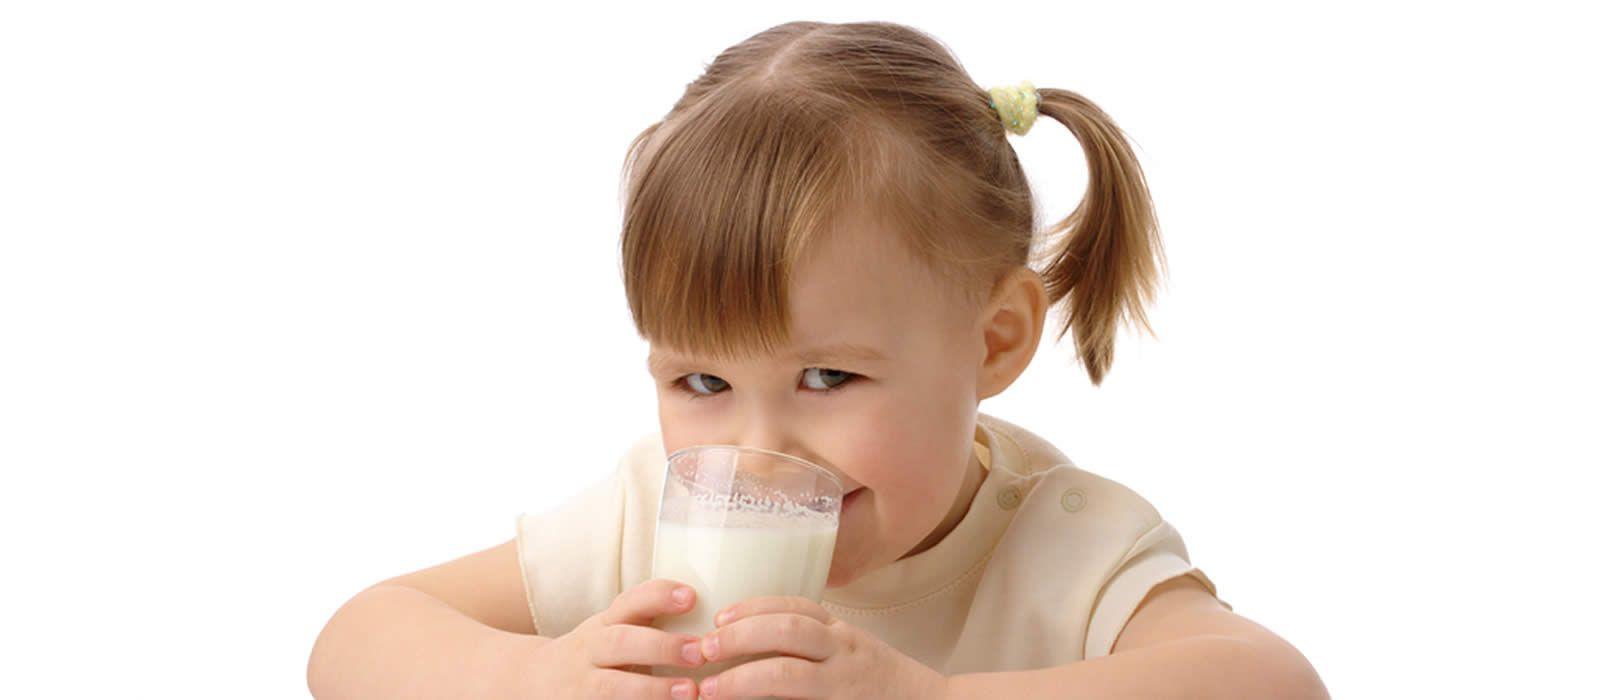 ¿La leche produce mocos en los niños?